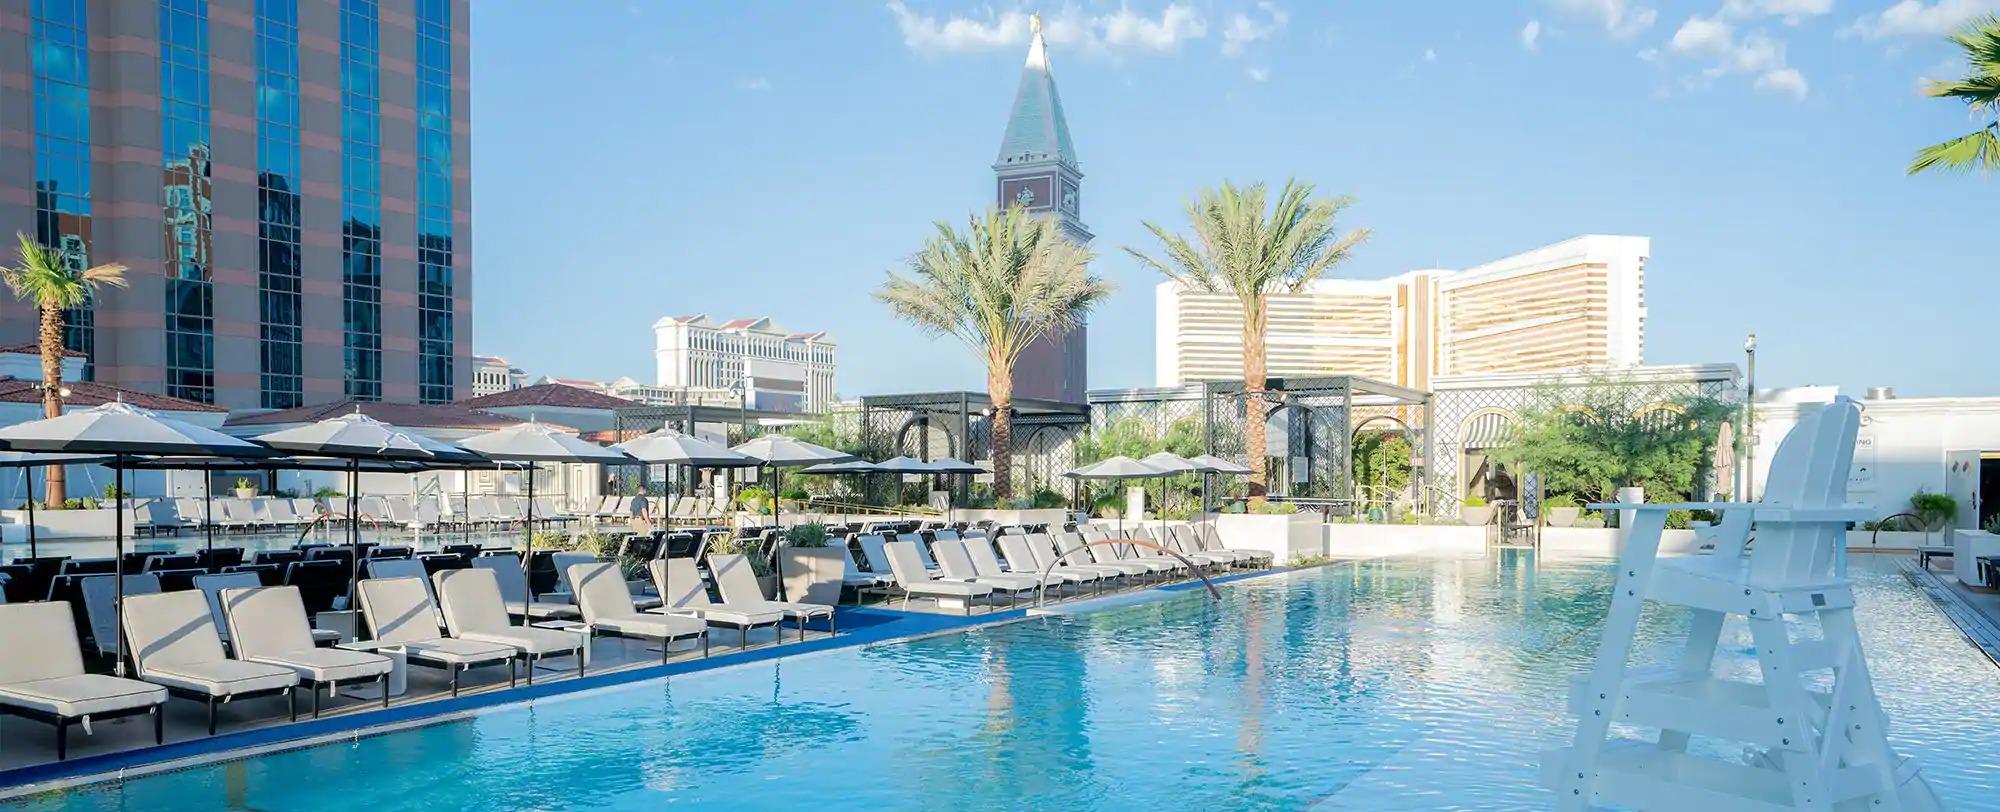 A pool scene in Las Vegas